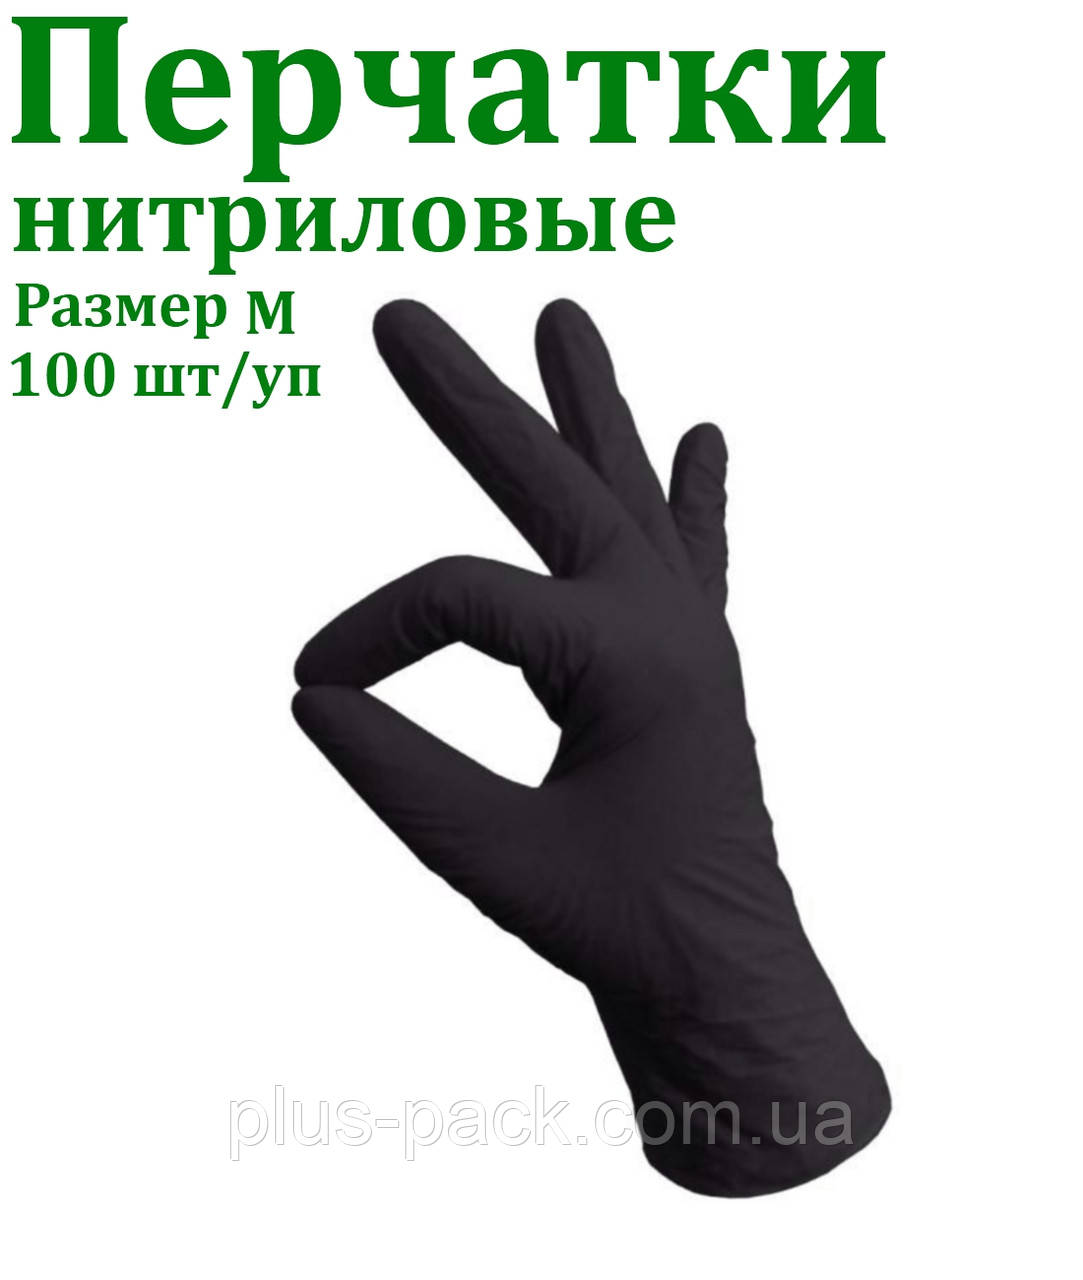 Перчатки нитриловые чёрные 100шт/уп, Размер M